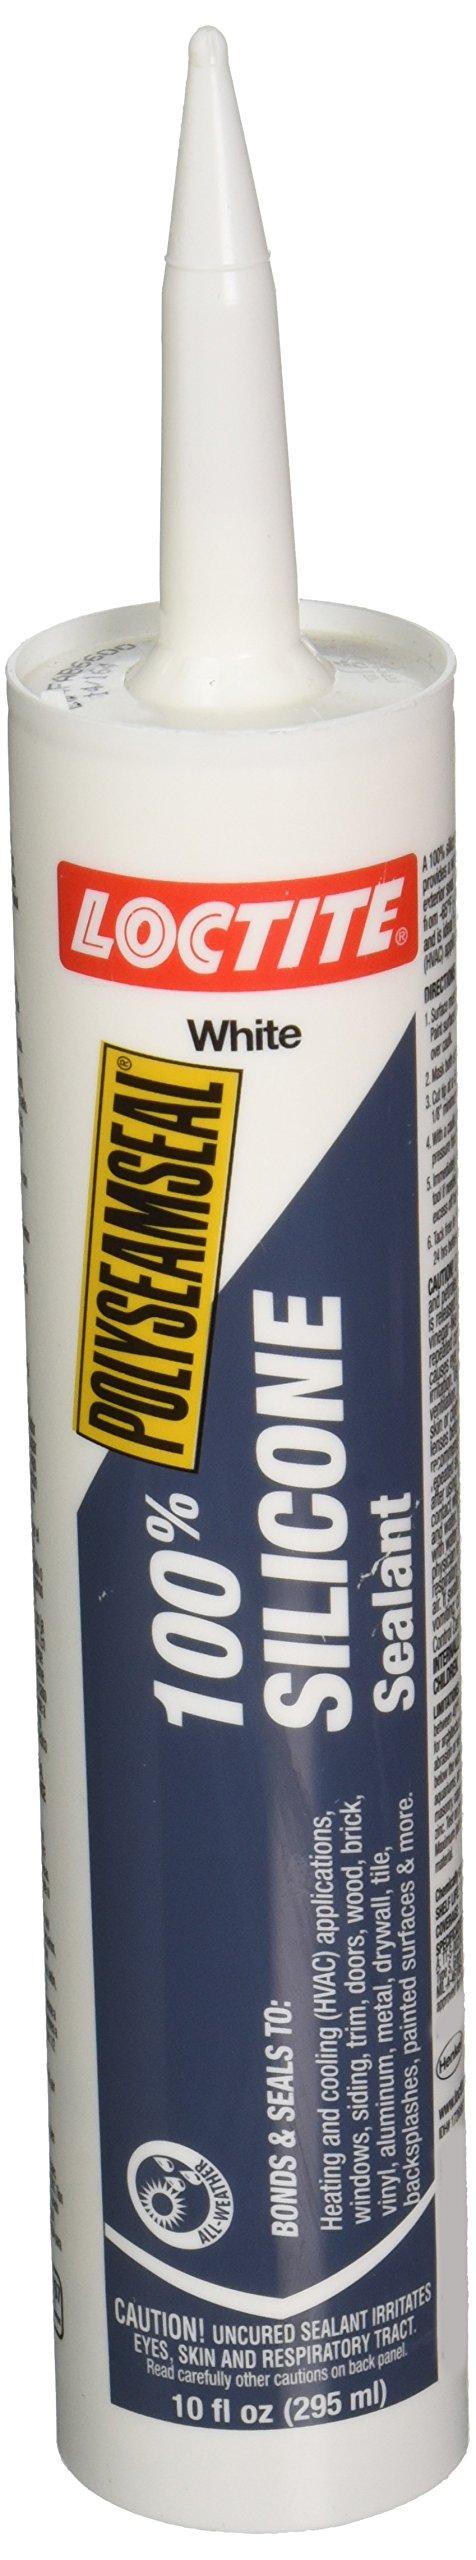 Loctite 1508975 White Polyseamseal 100% Silicone Sealant Tube, 10 oz